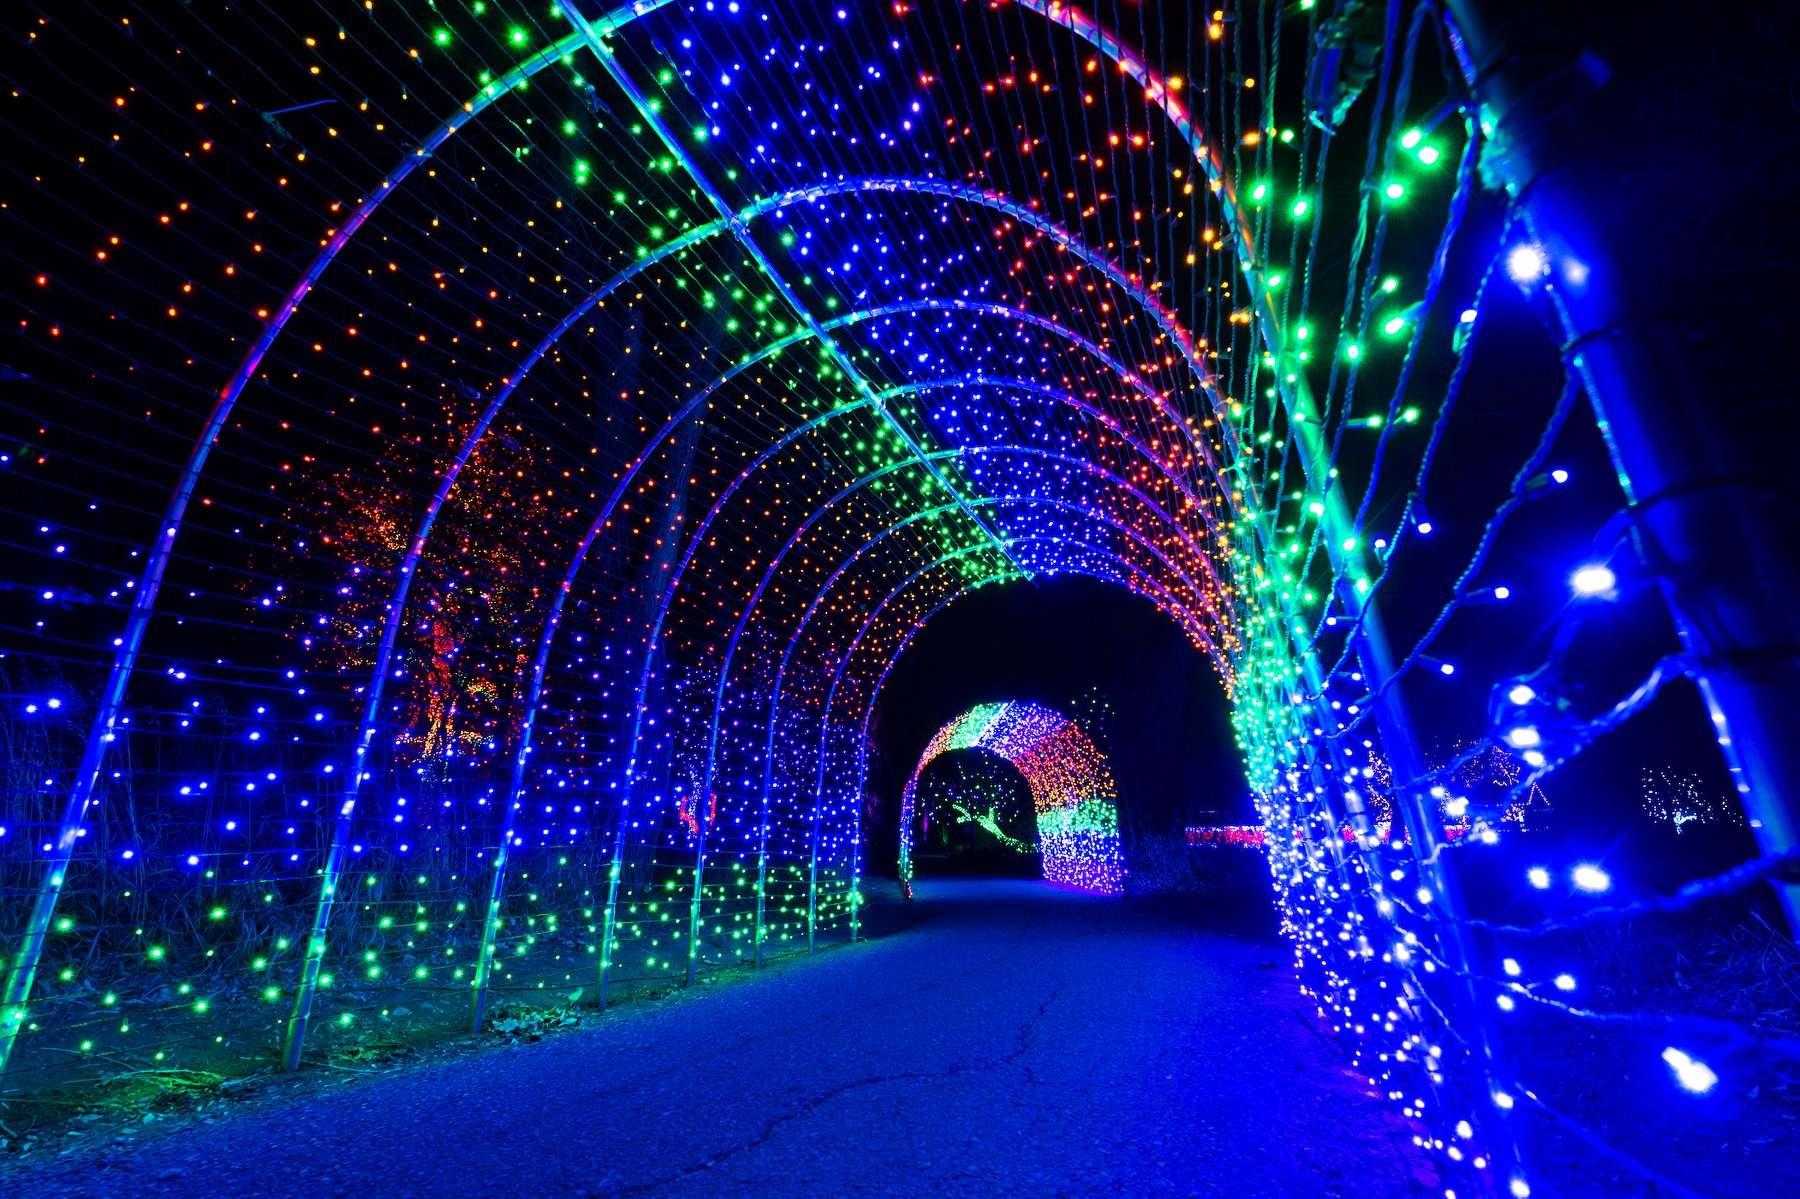 denver zoo lights 2020